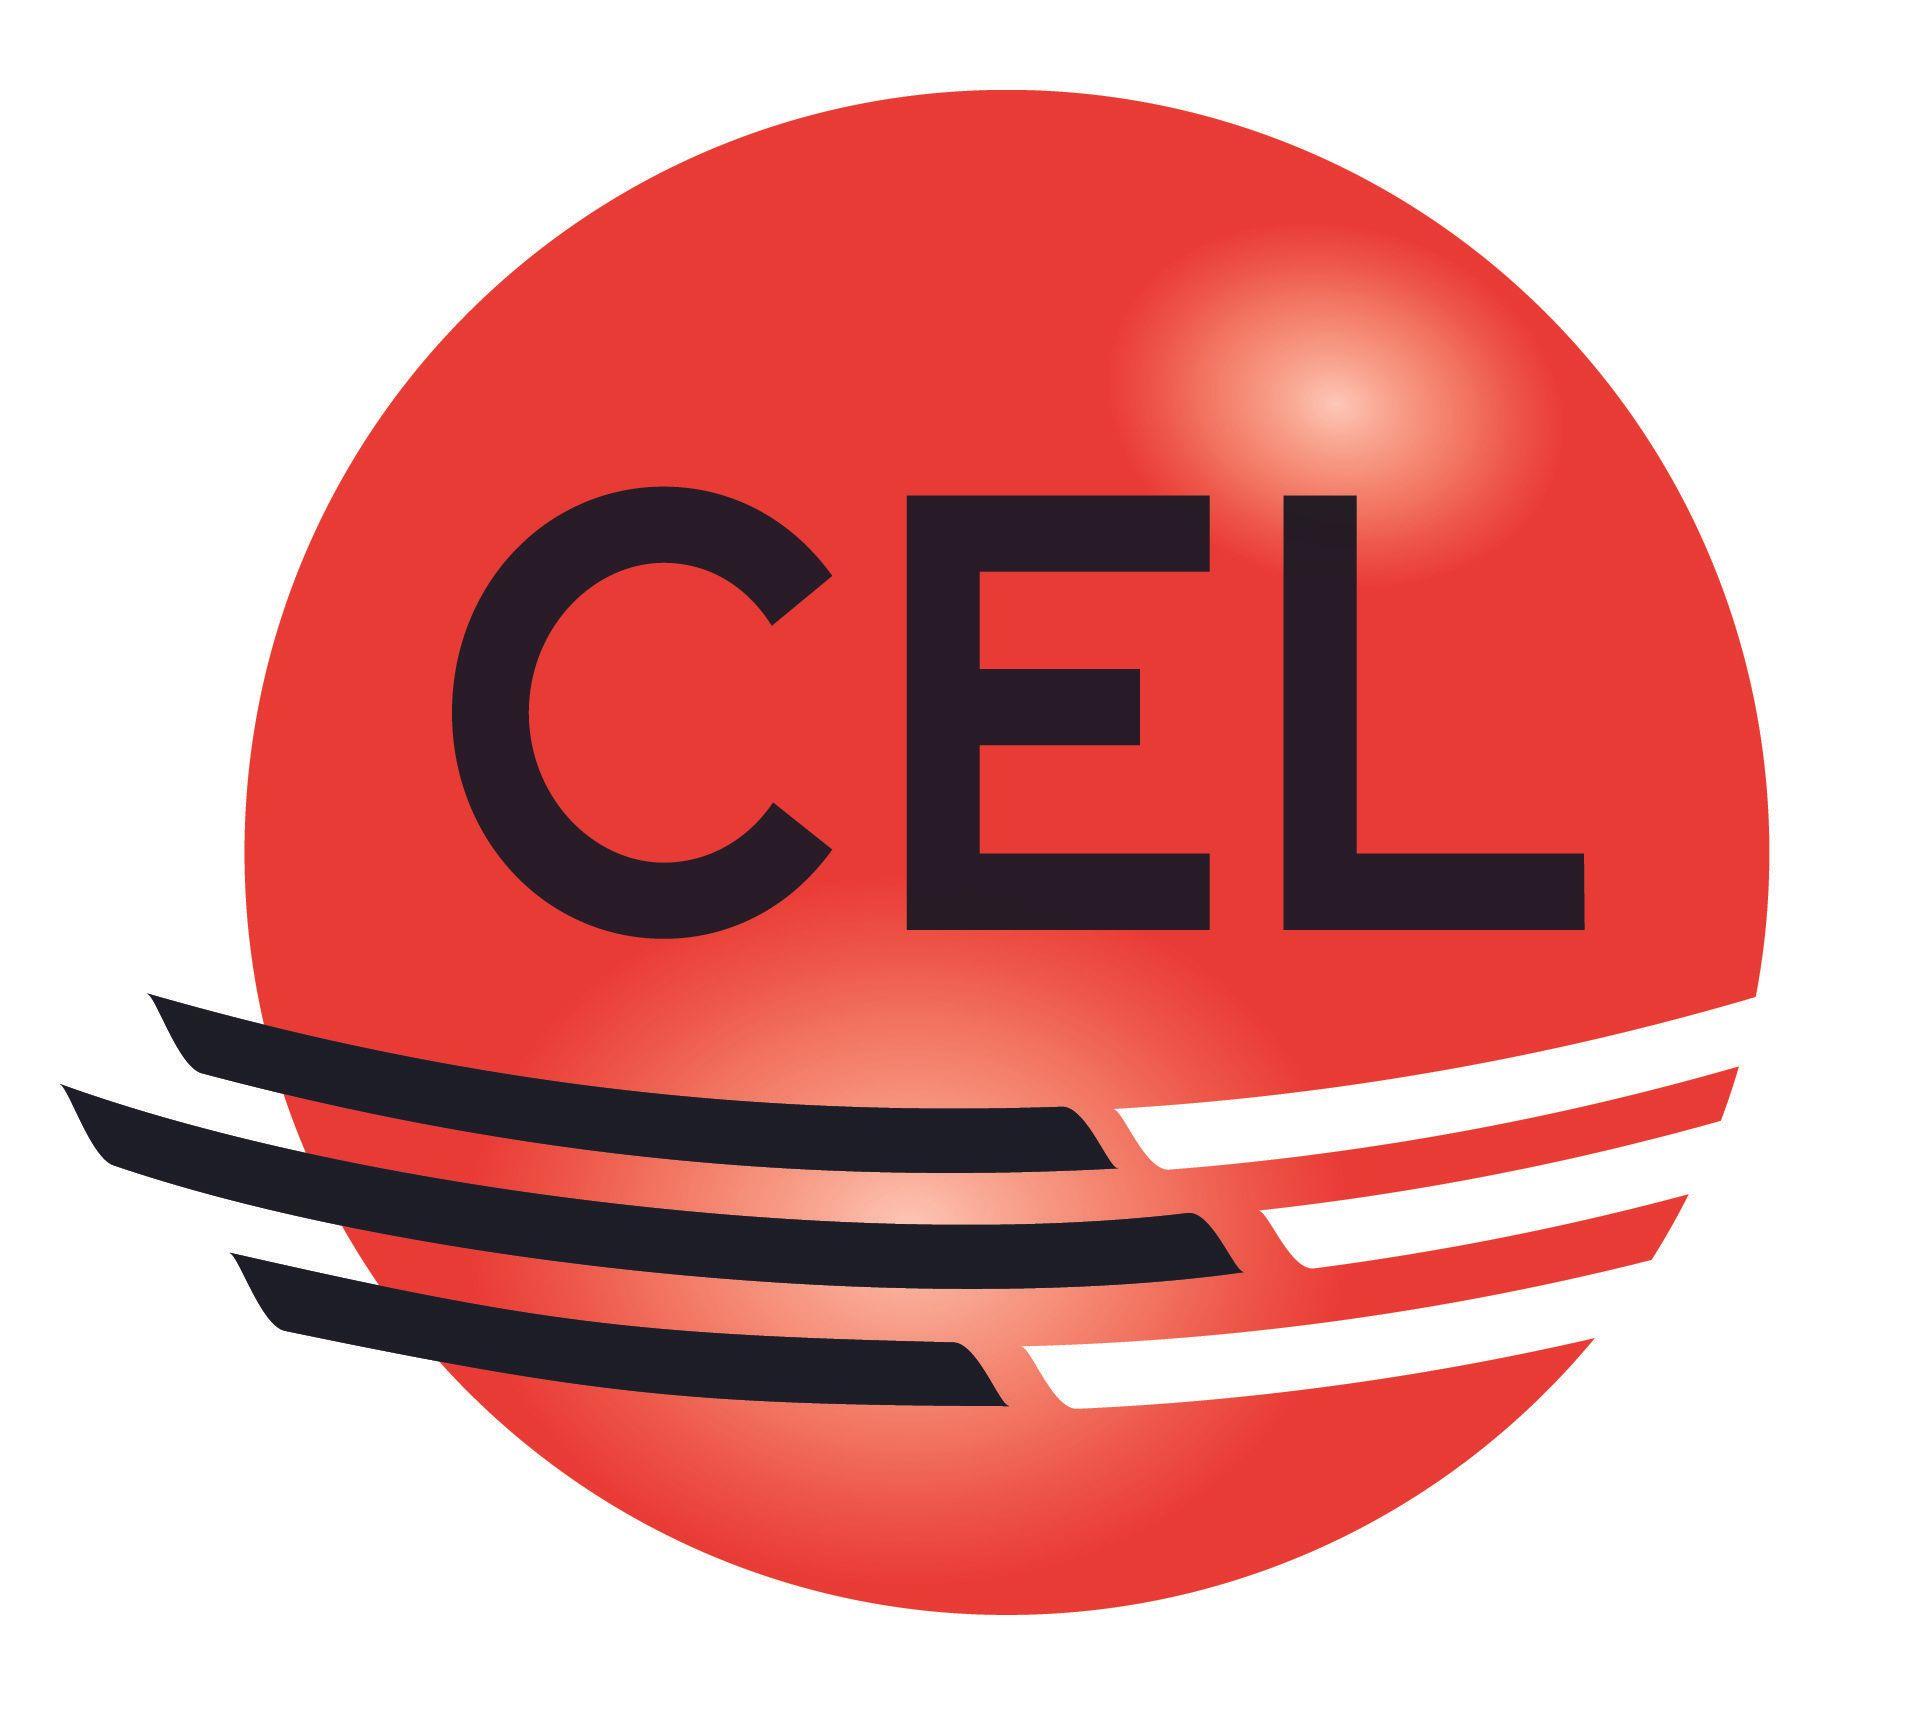 CEL - Composants Electroniques Lyonnais